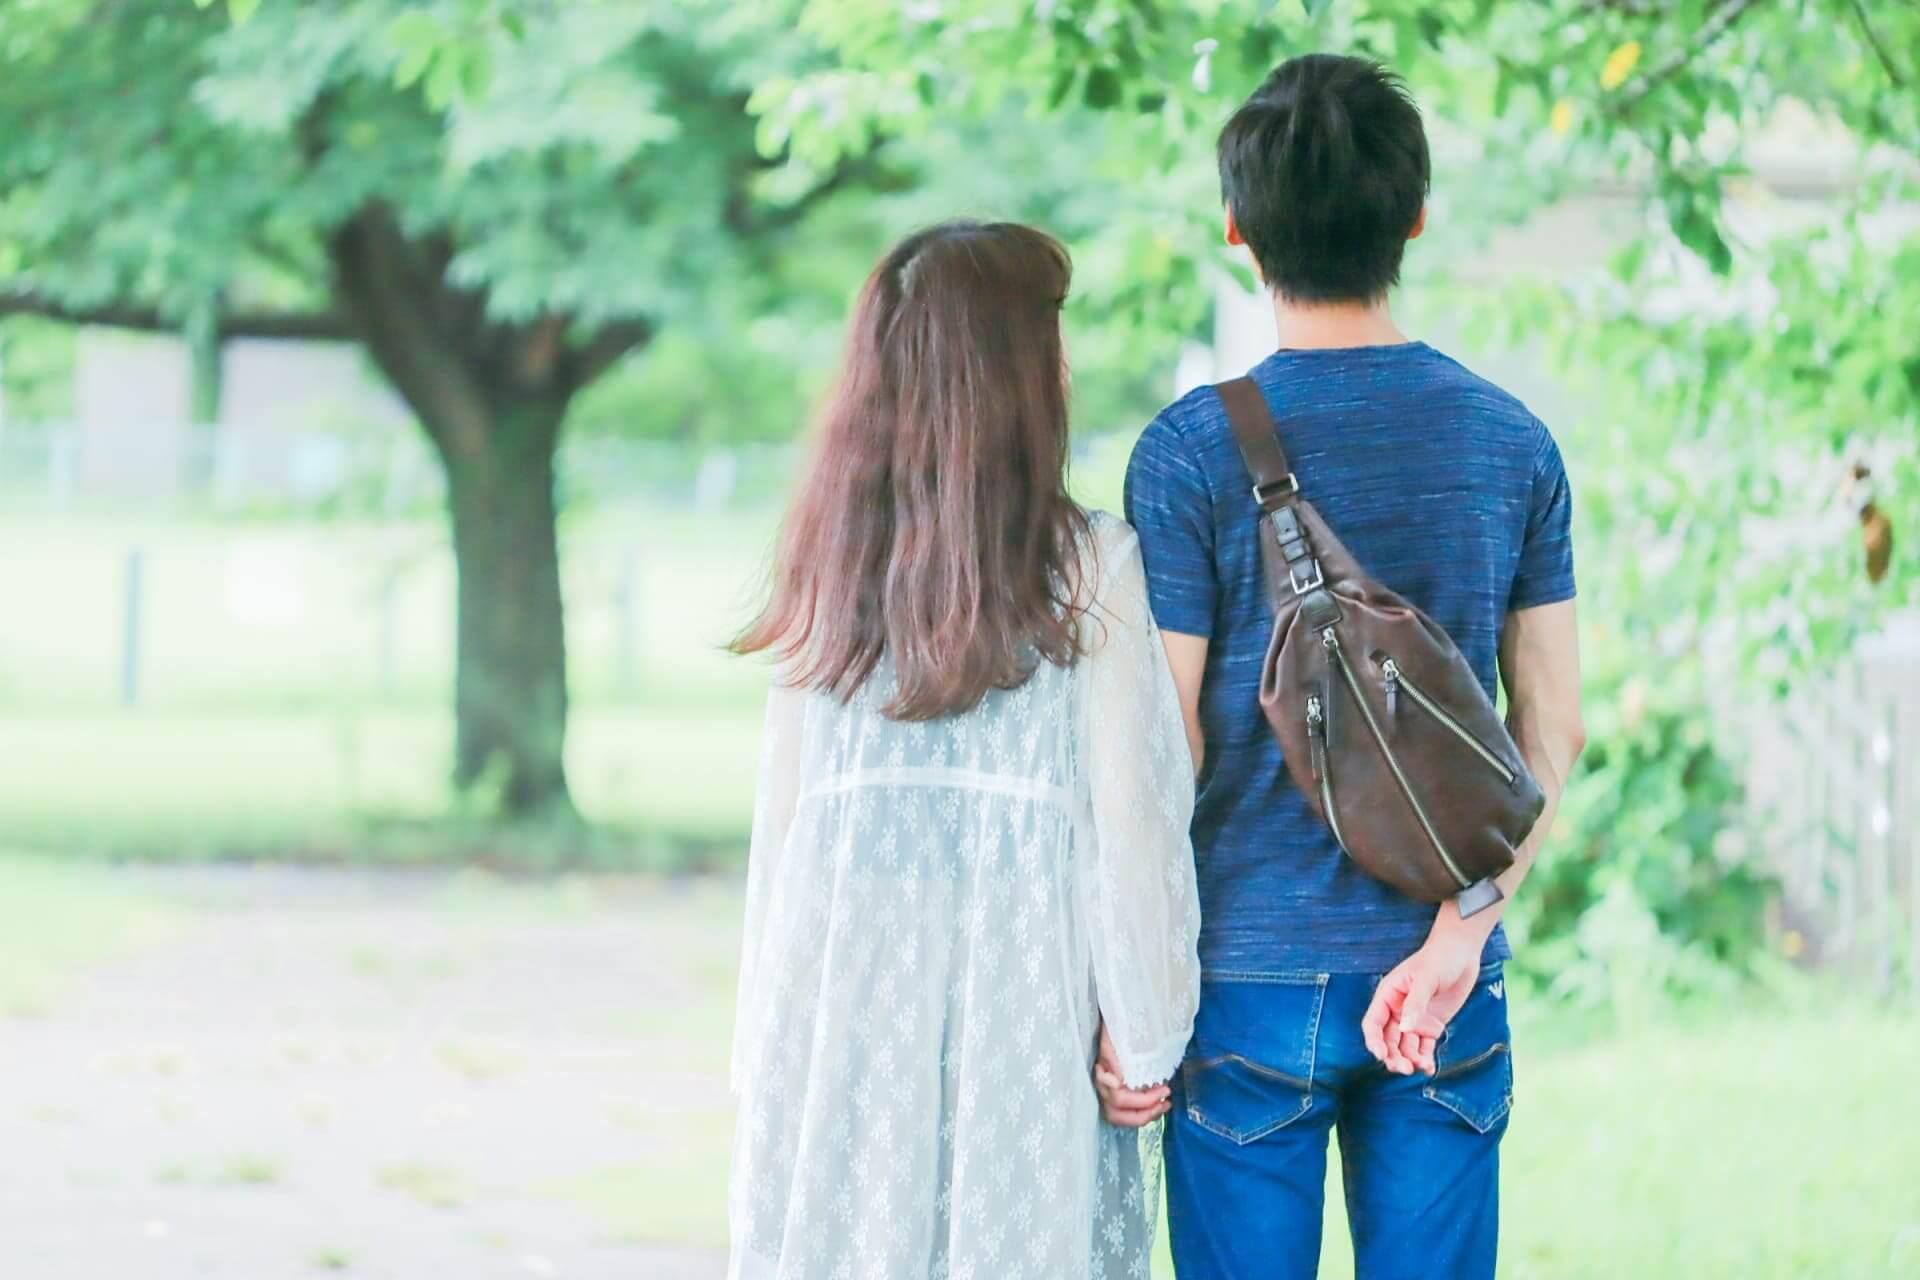 相性占い 誕生日で占う2人の相性。片思い中のあの人との恋はうまくいく?